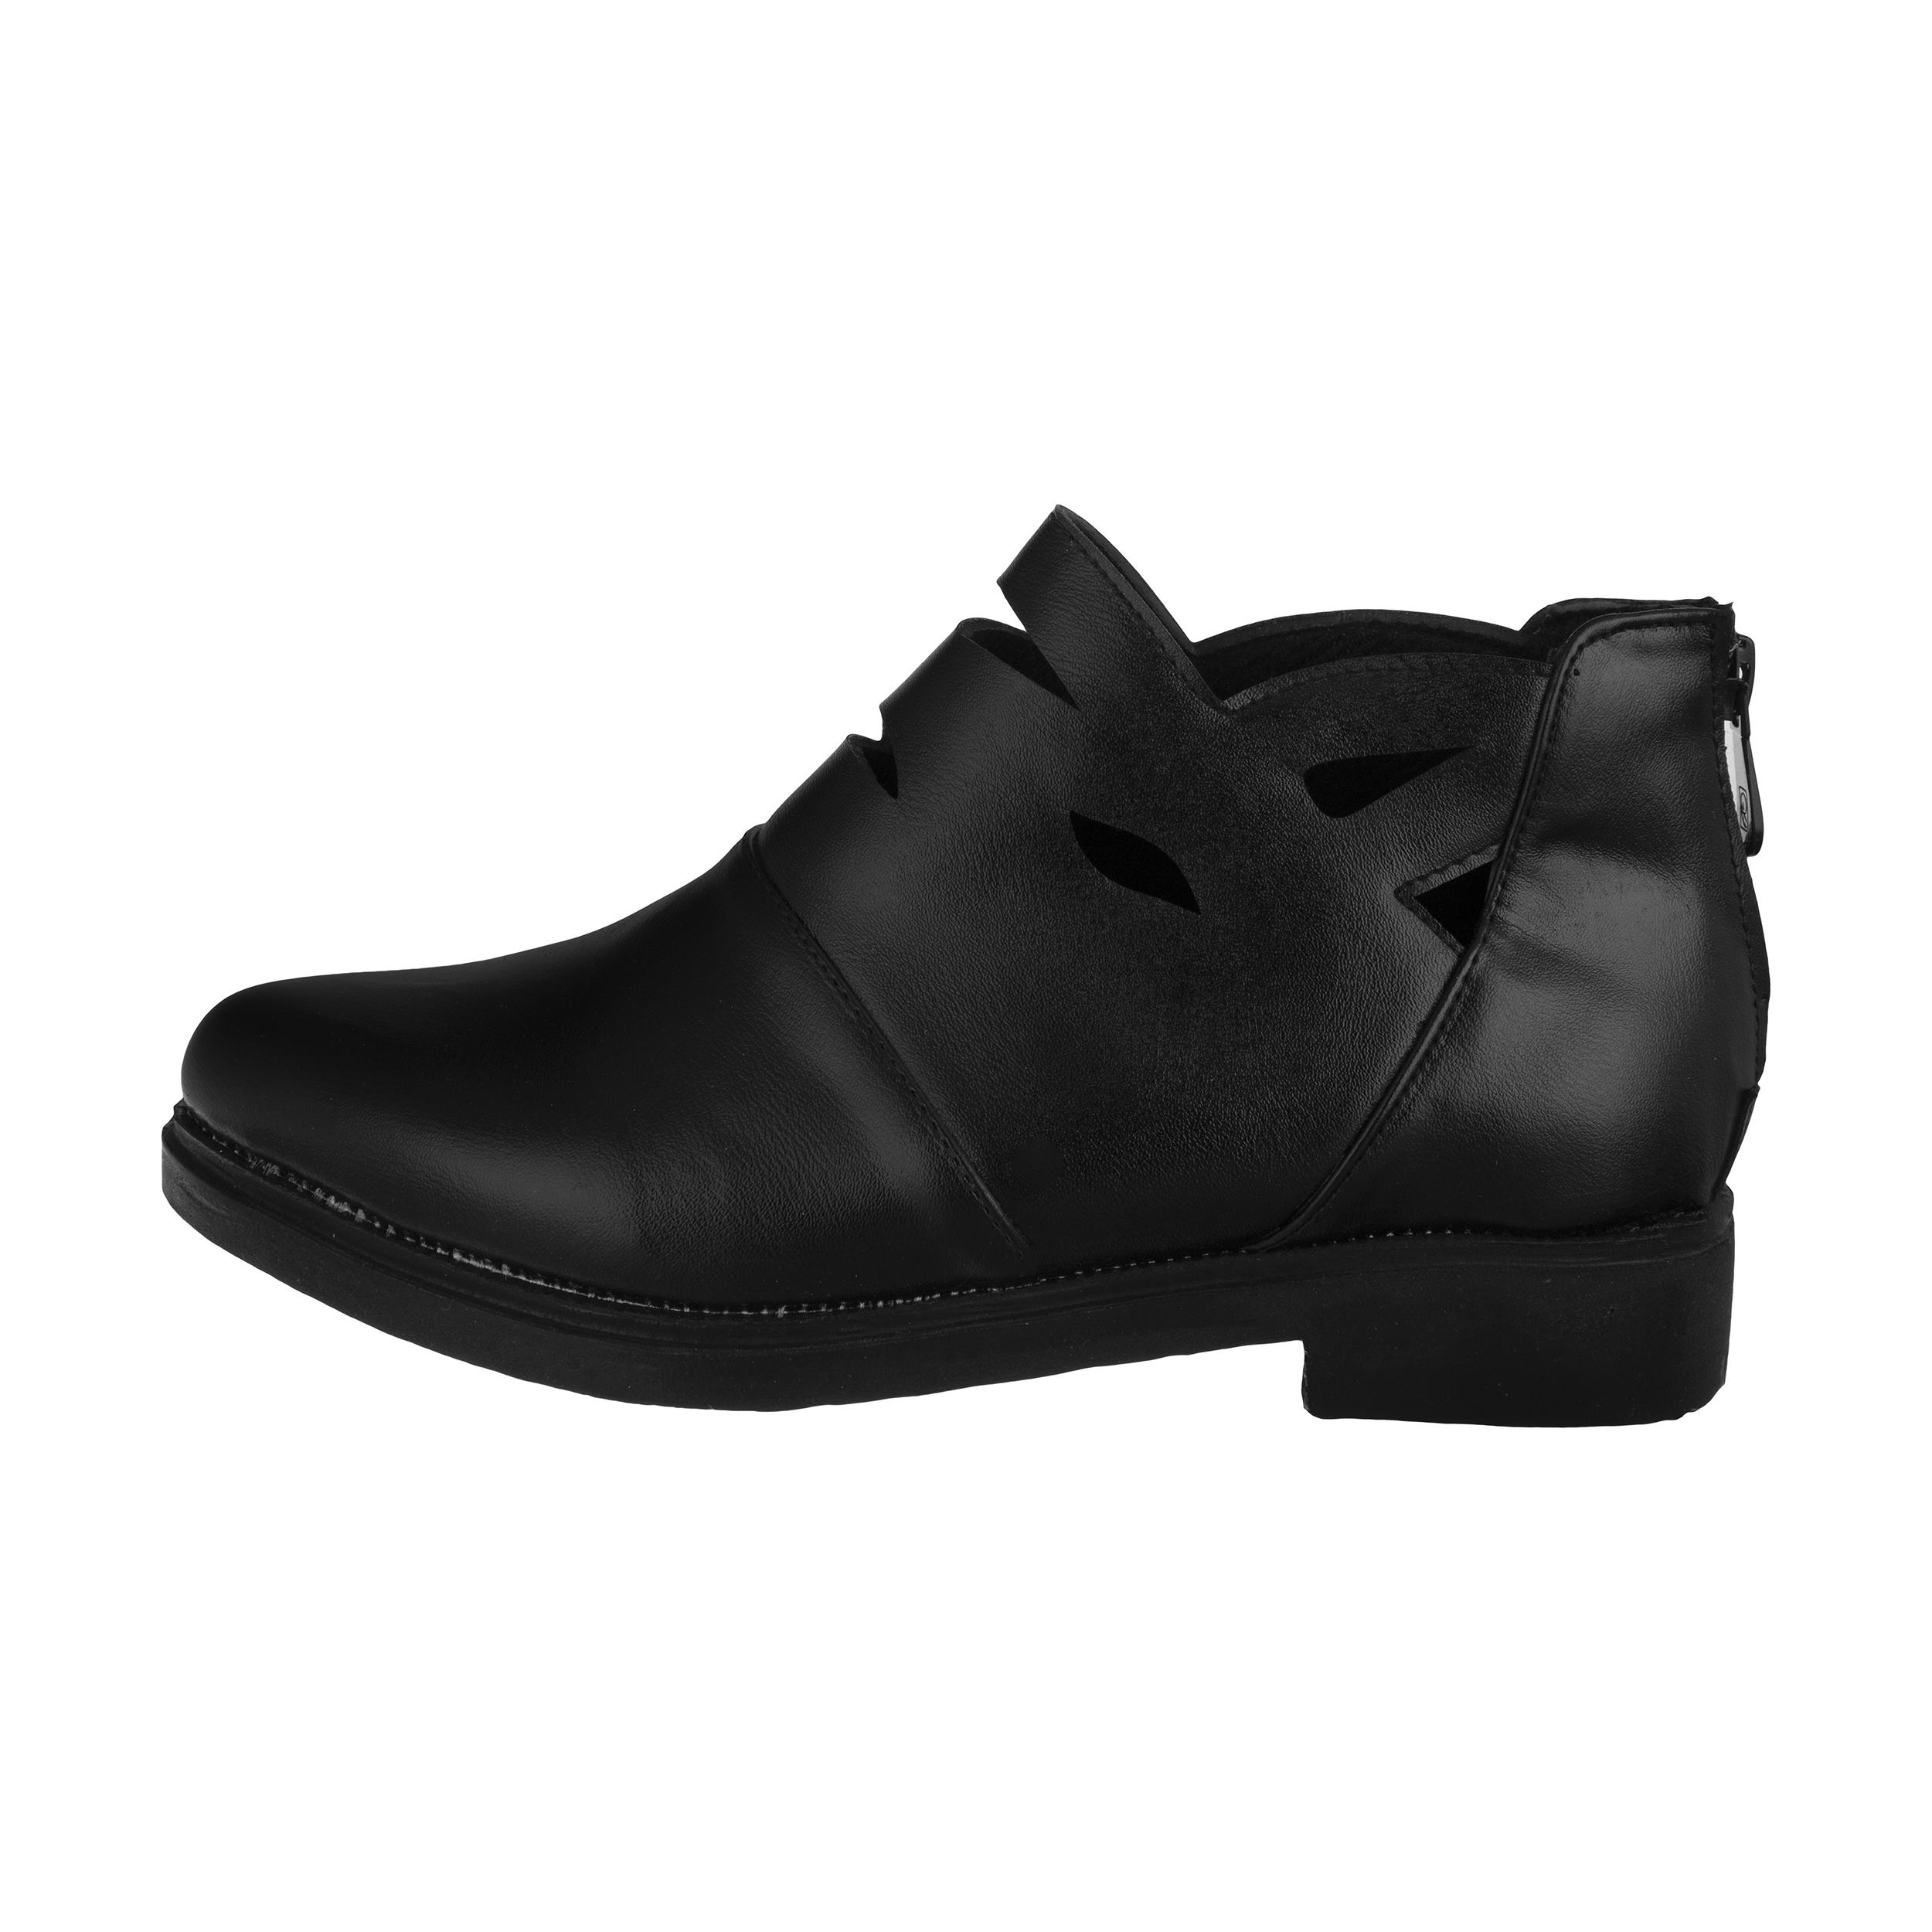 کفش روزمره زنانه لبتو مدل 501299